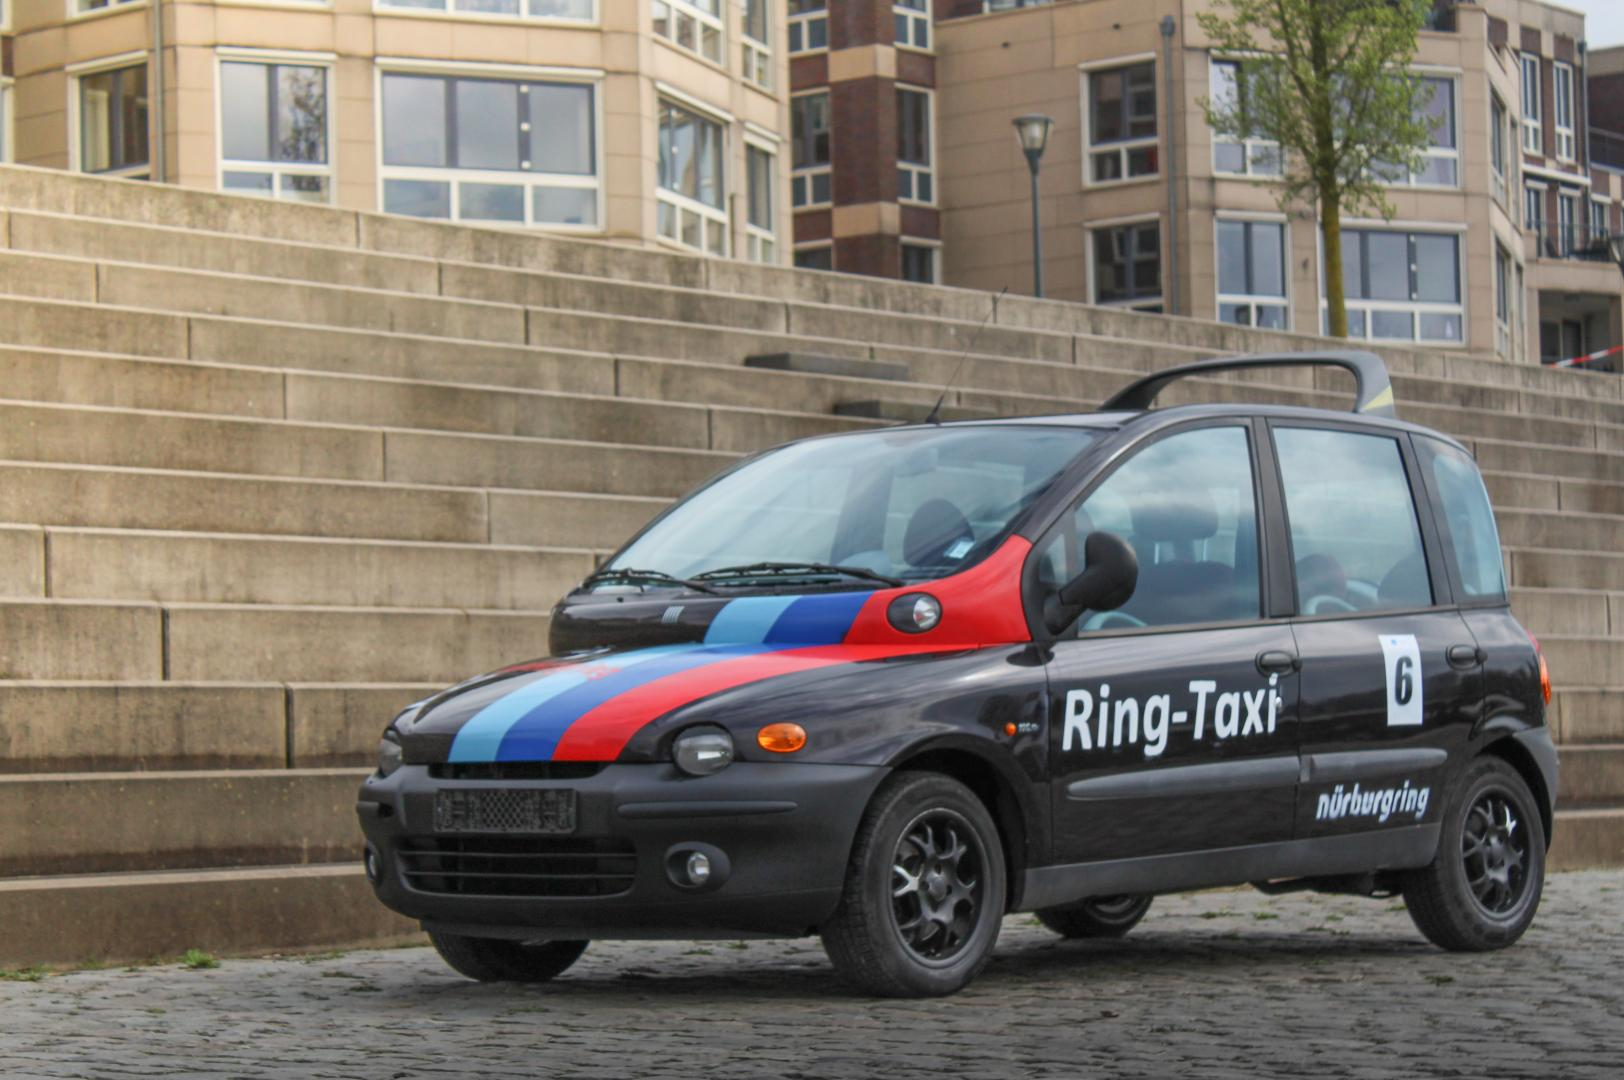 Fiat Multipla Ringtaxi